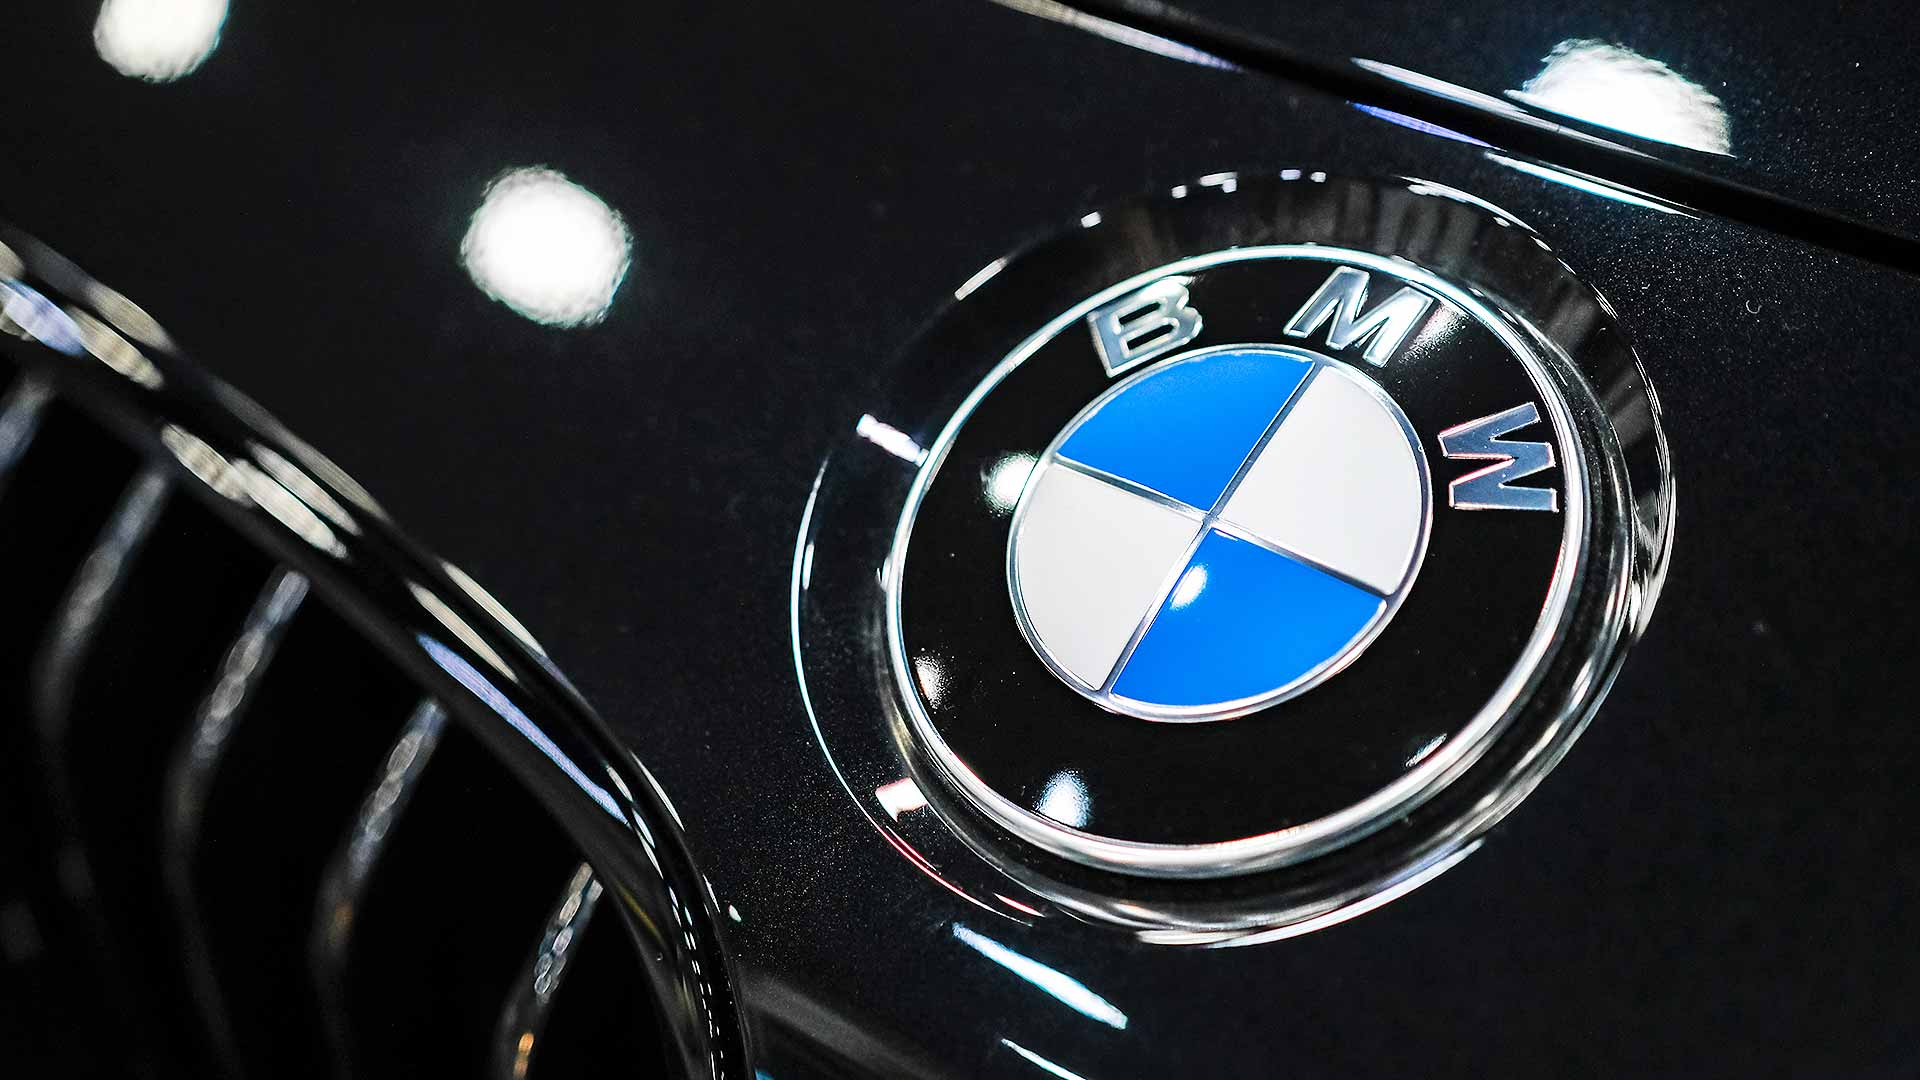 BMW elegirá clientes en Corea del Sur para probar su programa de membresía basado en tecnología blockchain